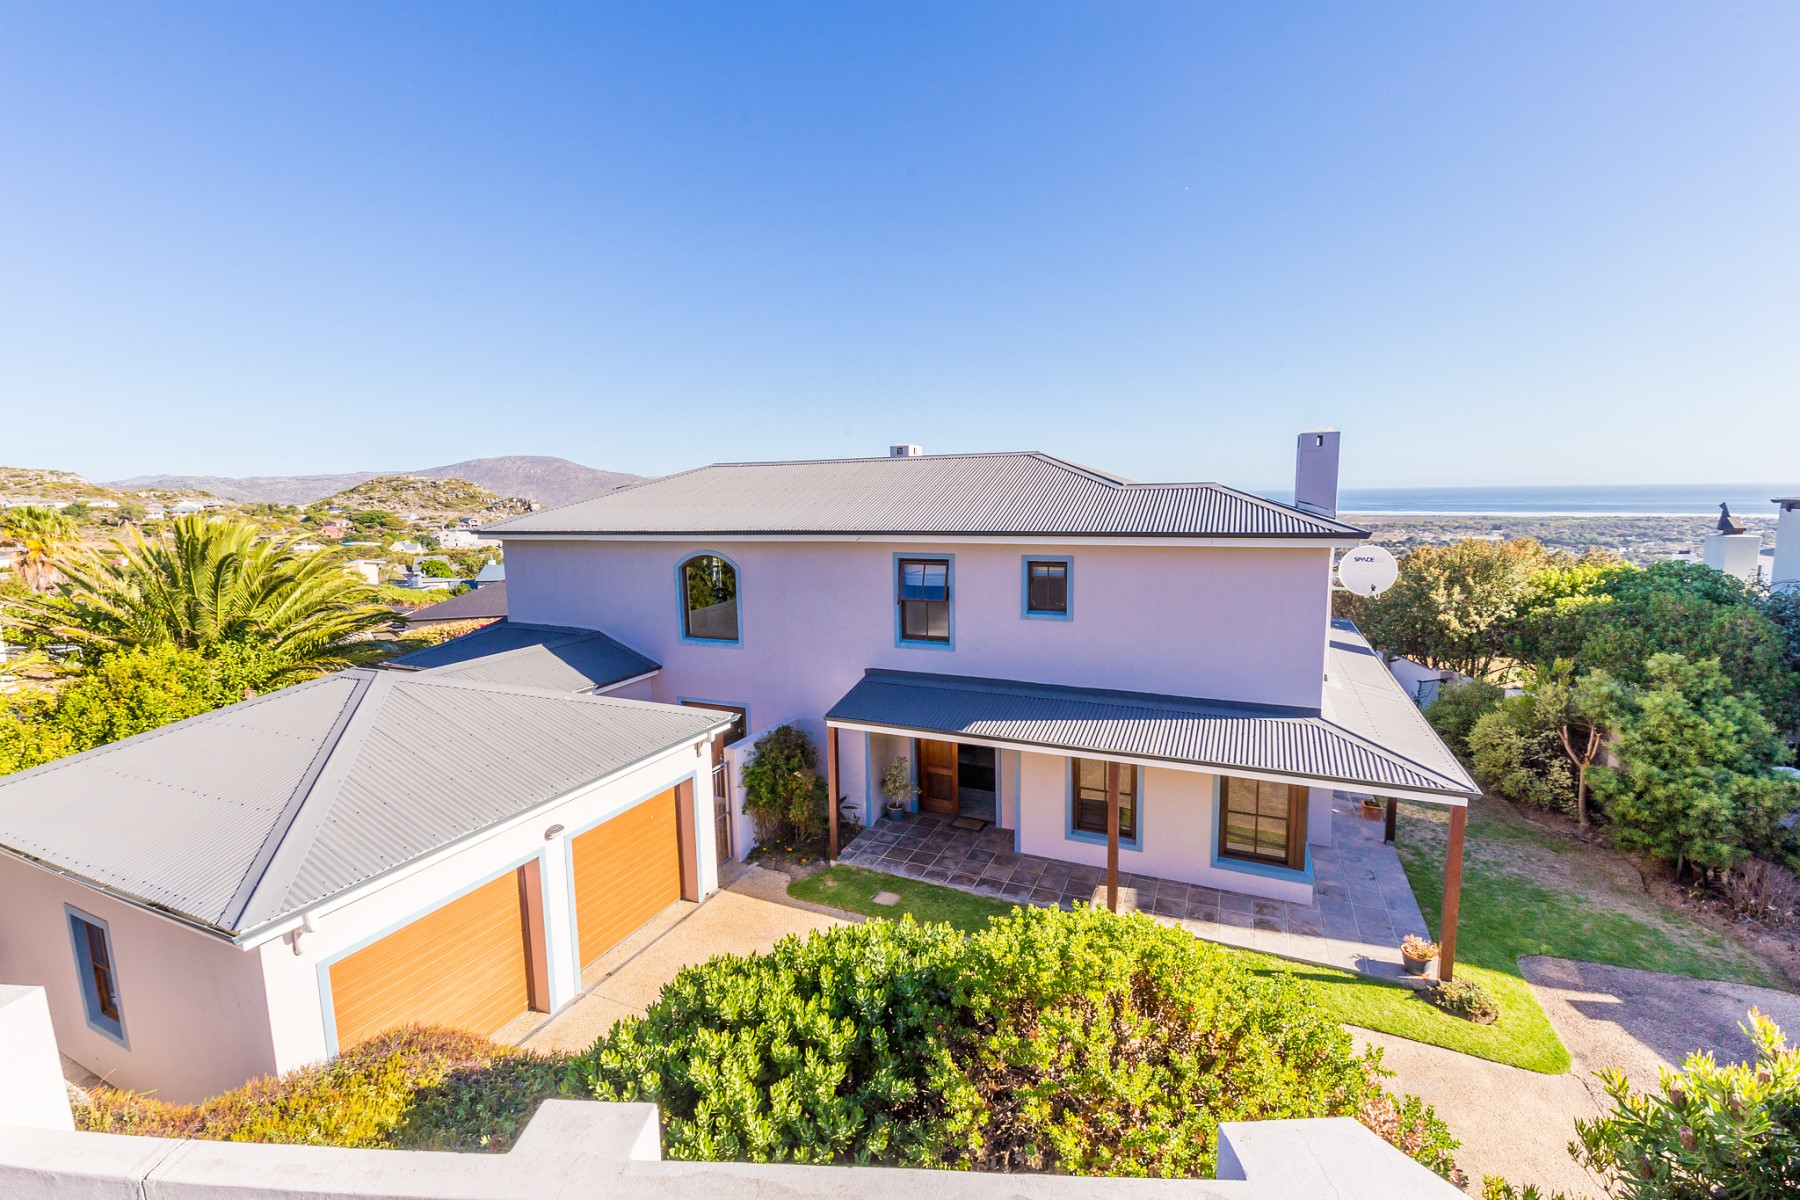 独户住宅 为 销售 在 Noordhoek 开普敦, 西开普省, 南非